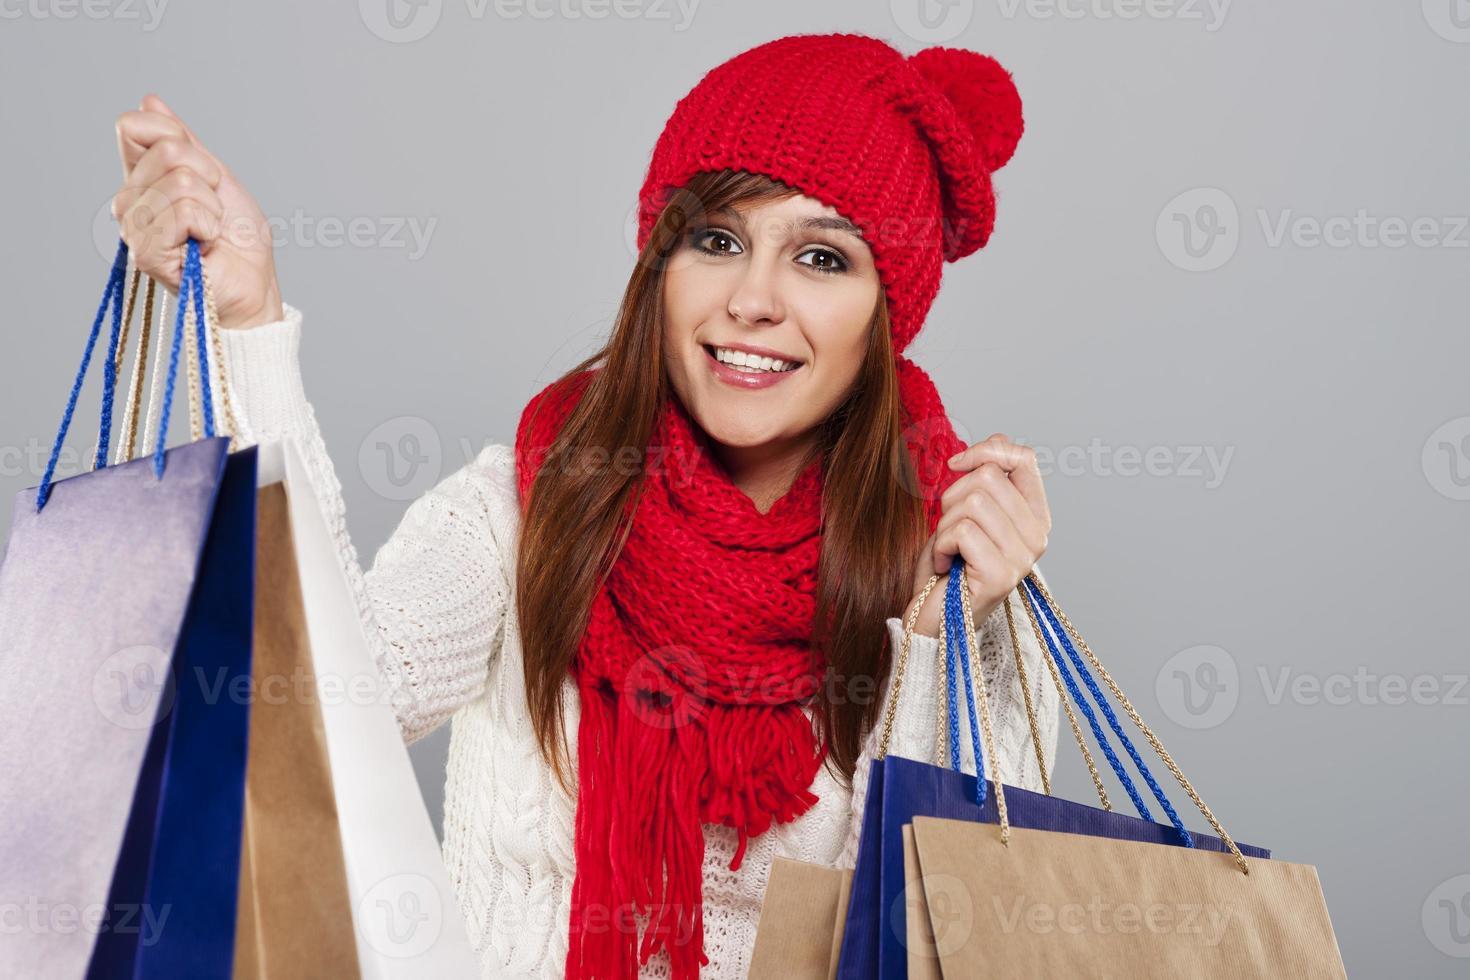 fröhliche shopacholic während des Winterschlussverkaufs foto